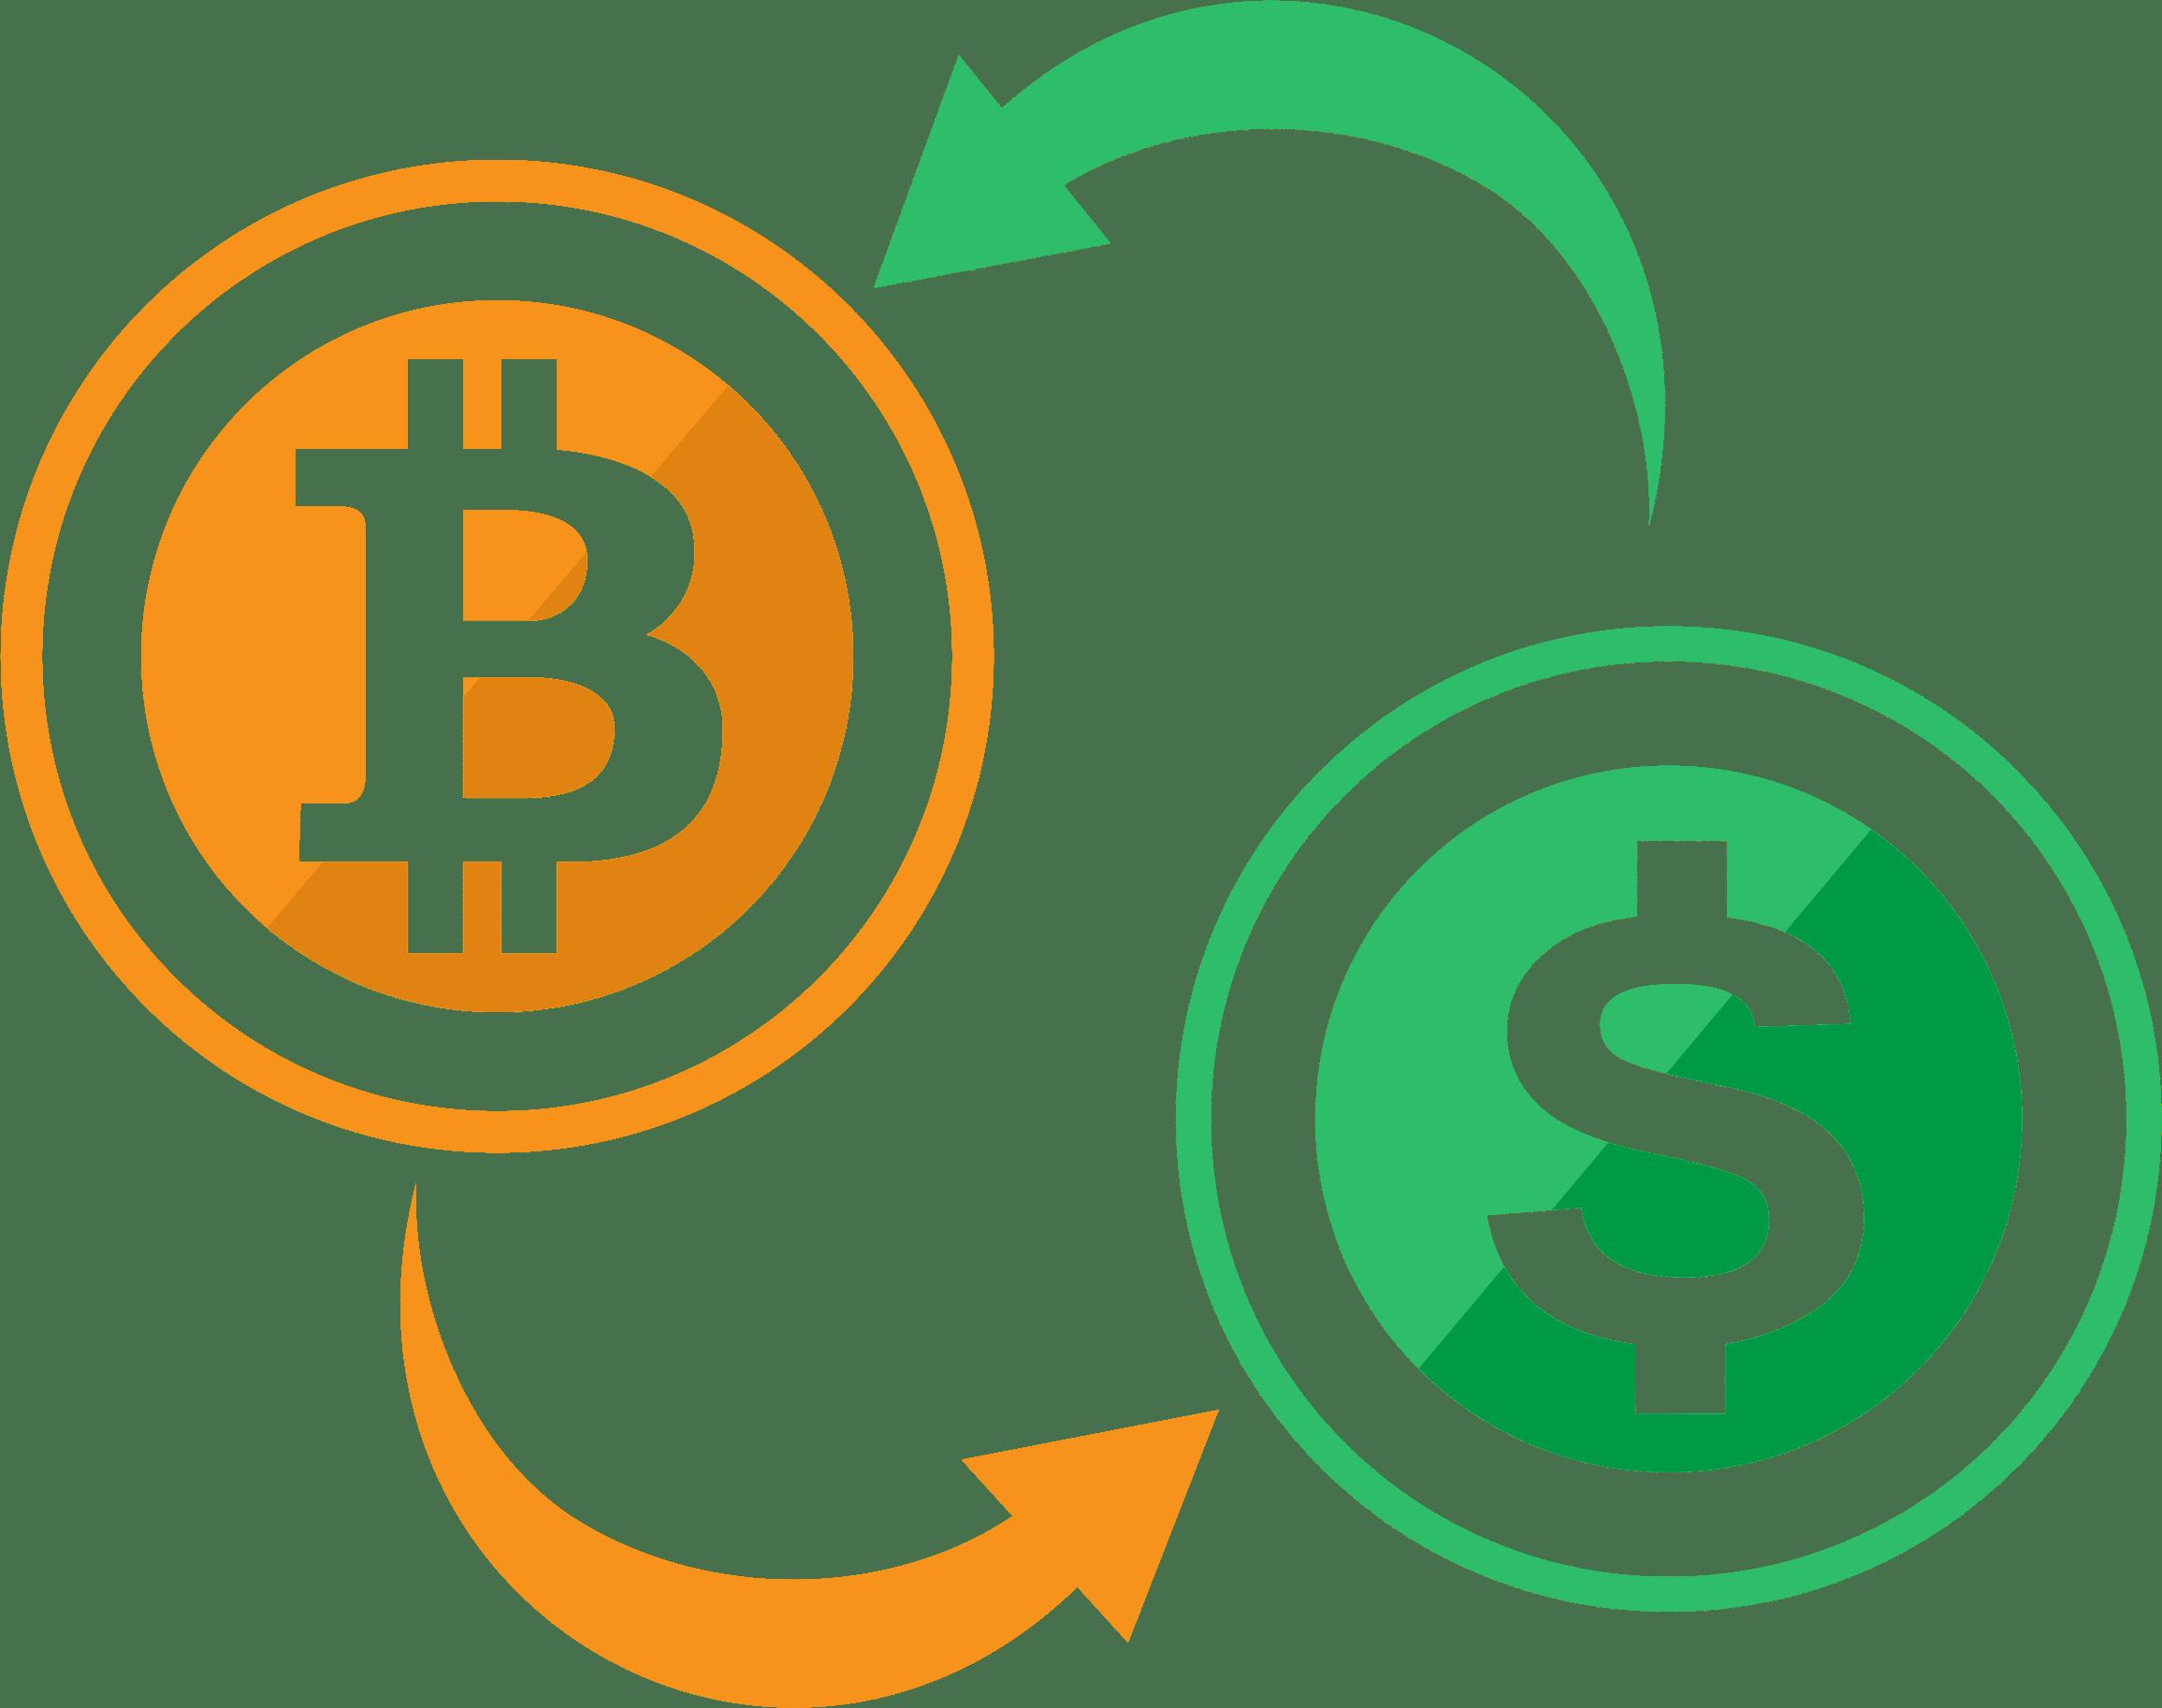 Обменять биткоин на мой опыт игры на бирже